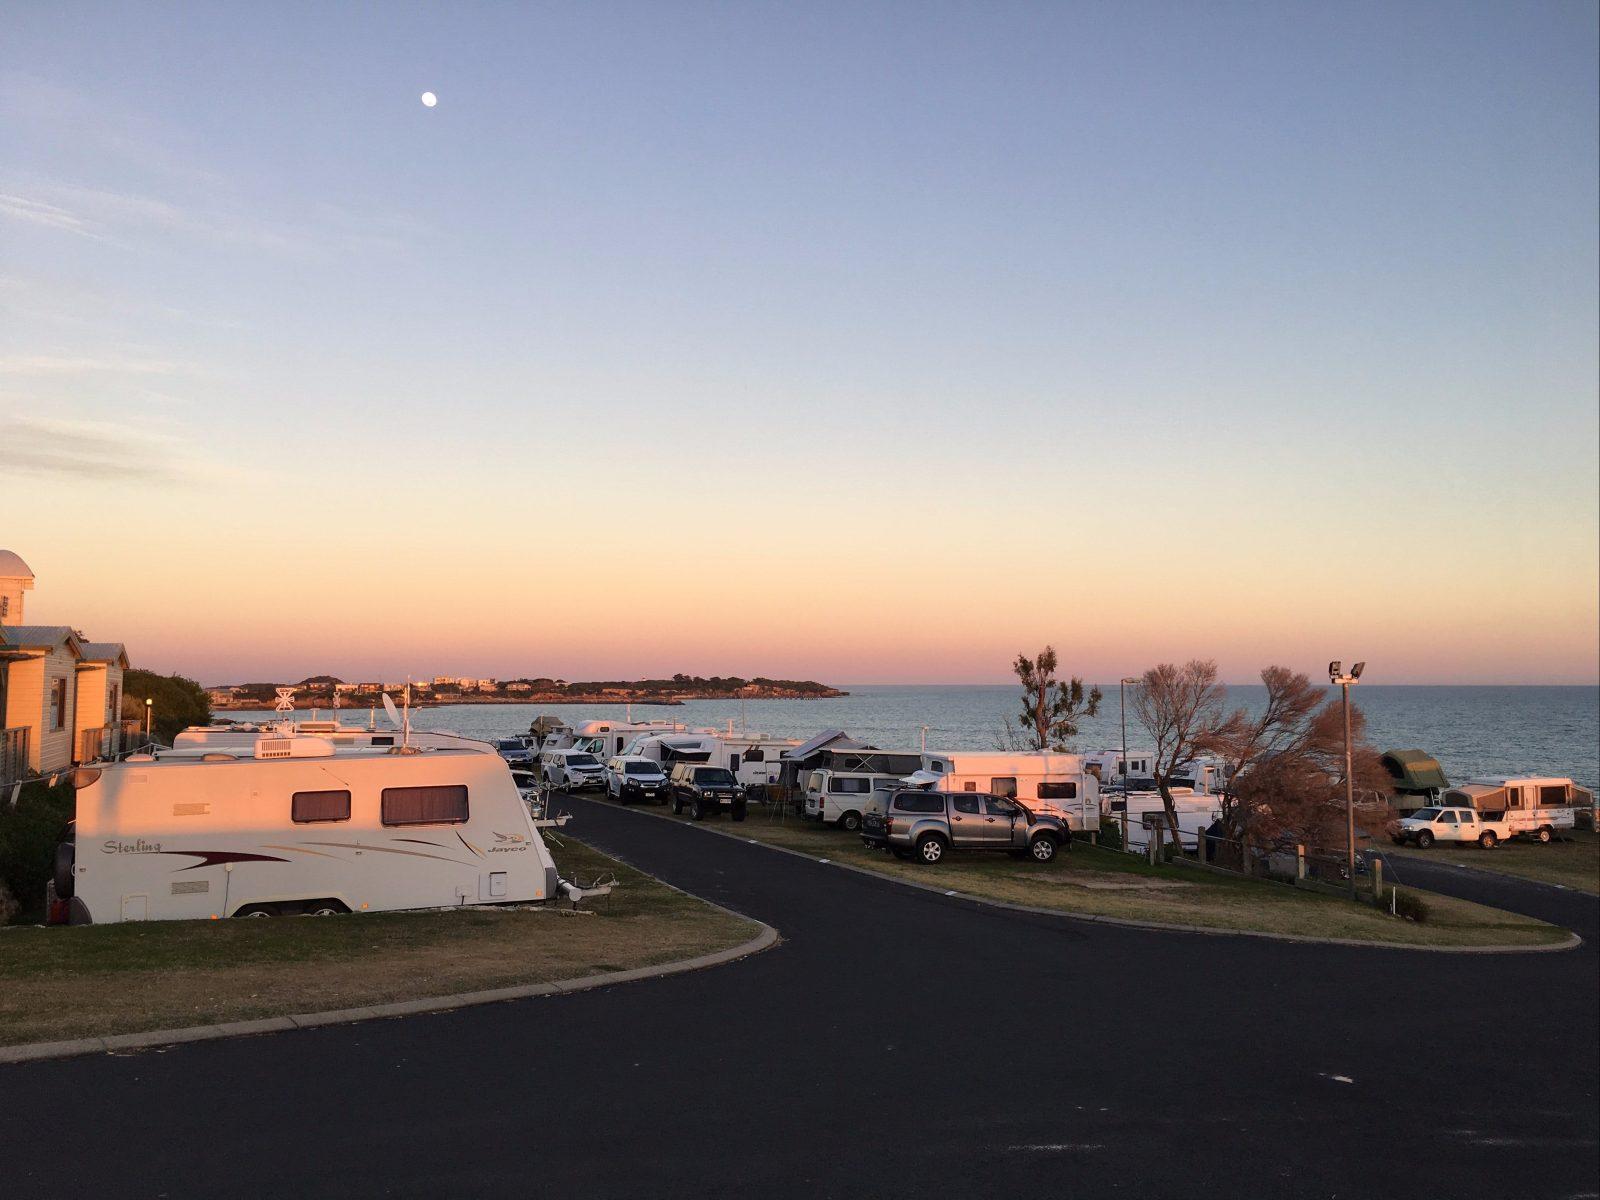 Sea Vu Caravan Park, Robe at Sunrise